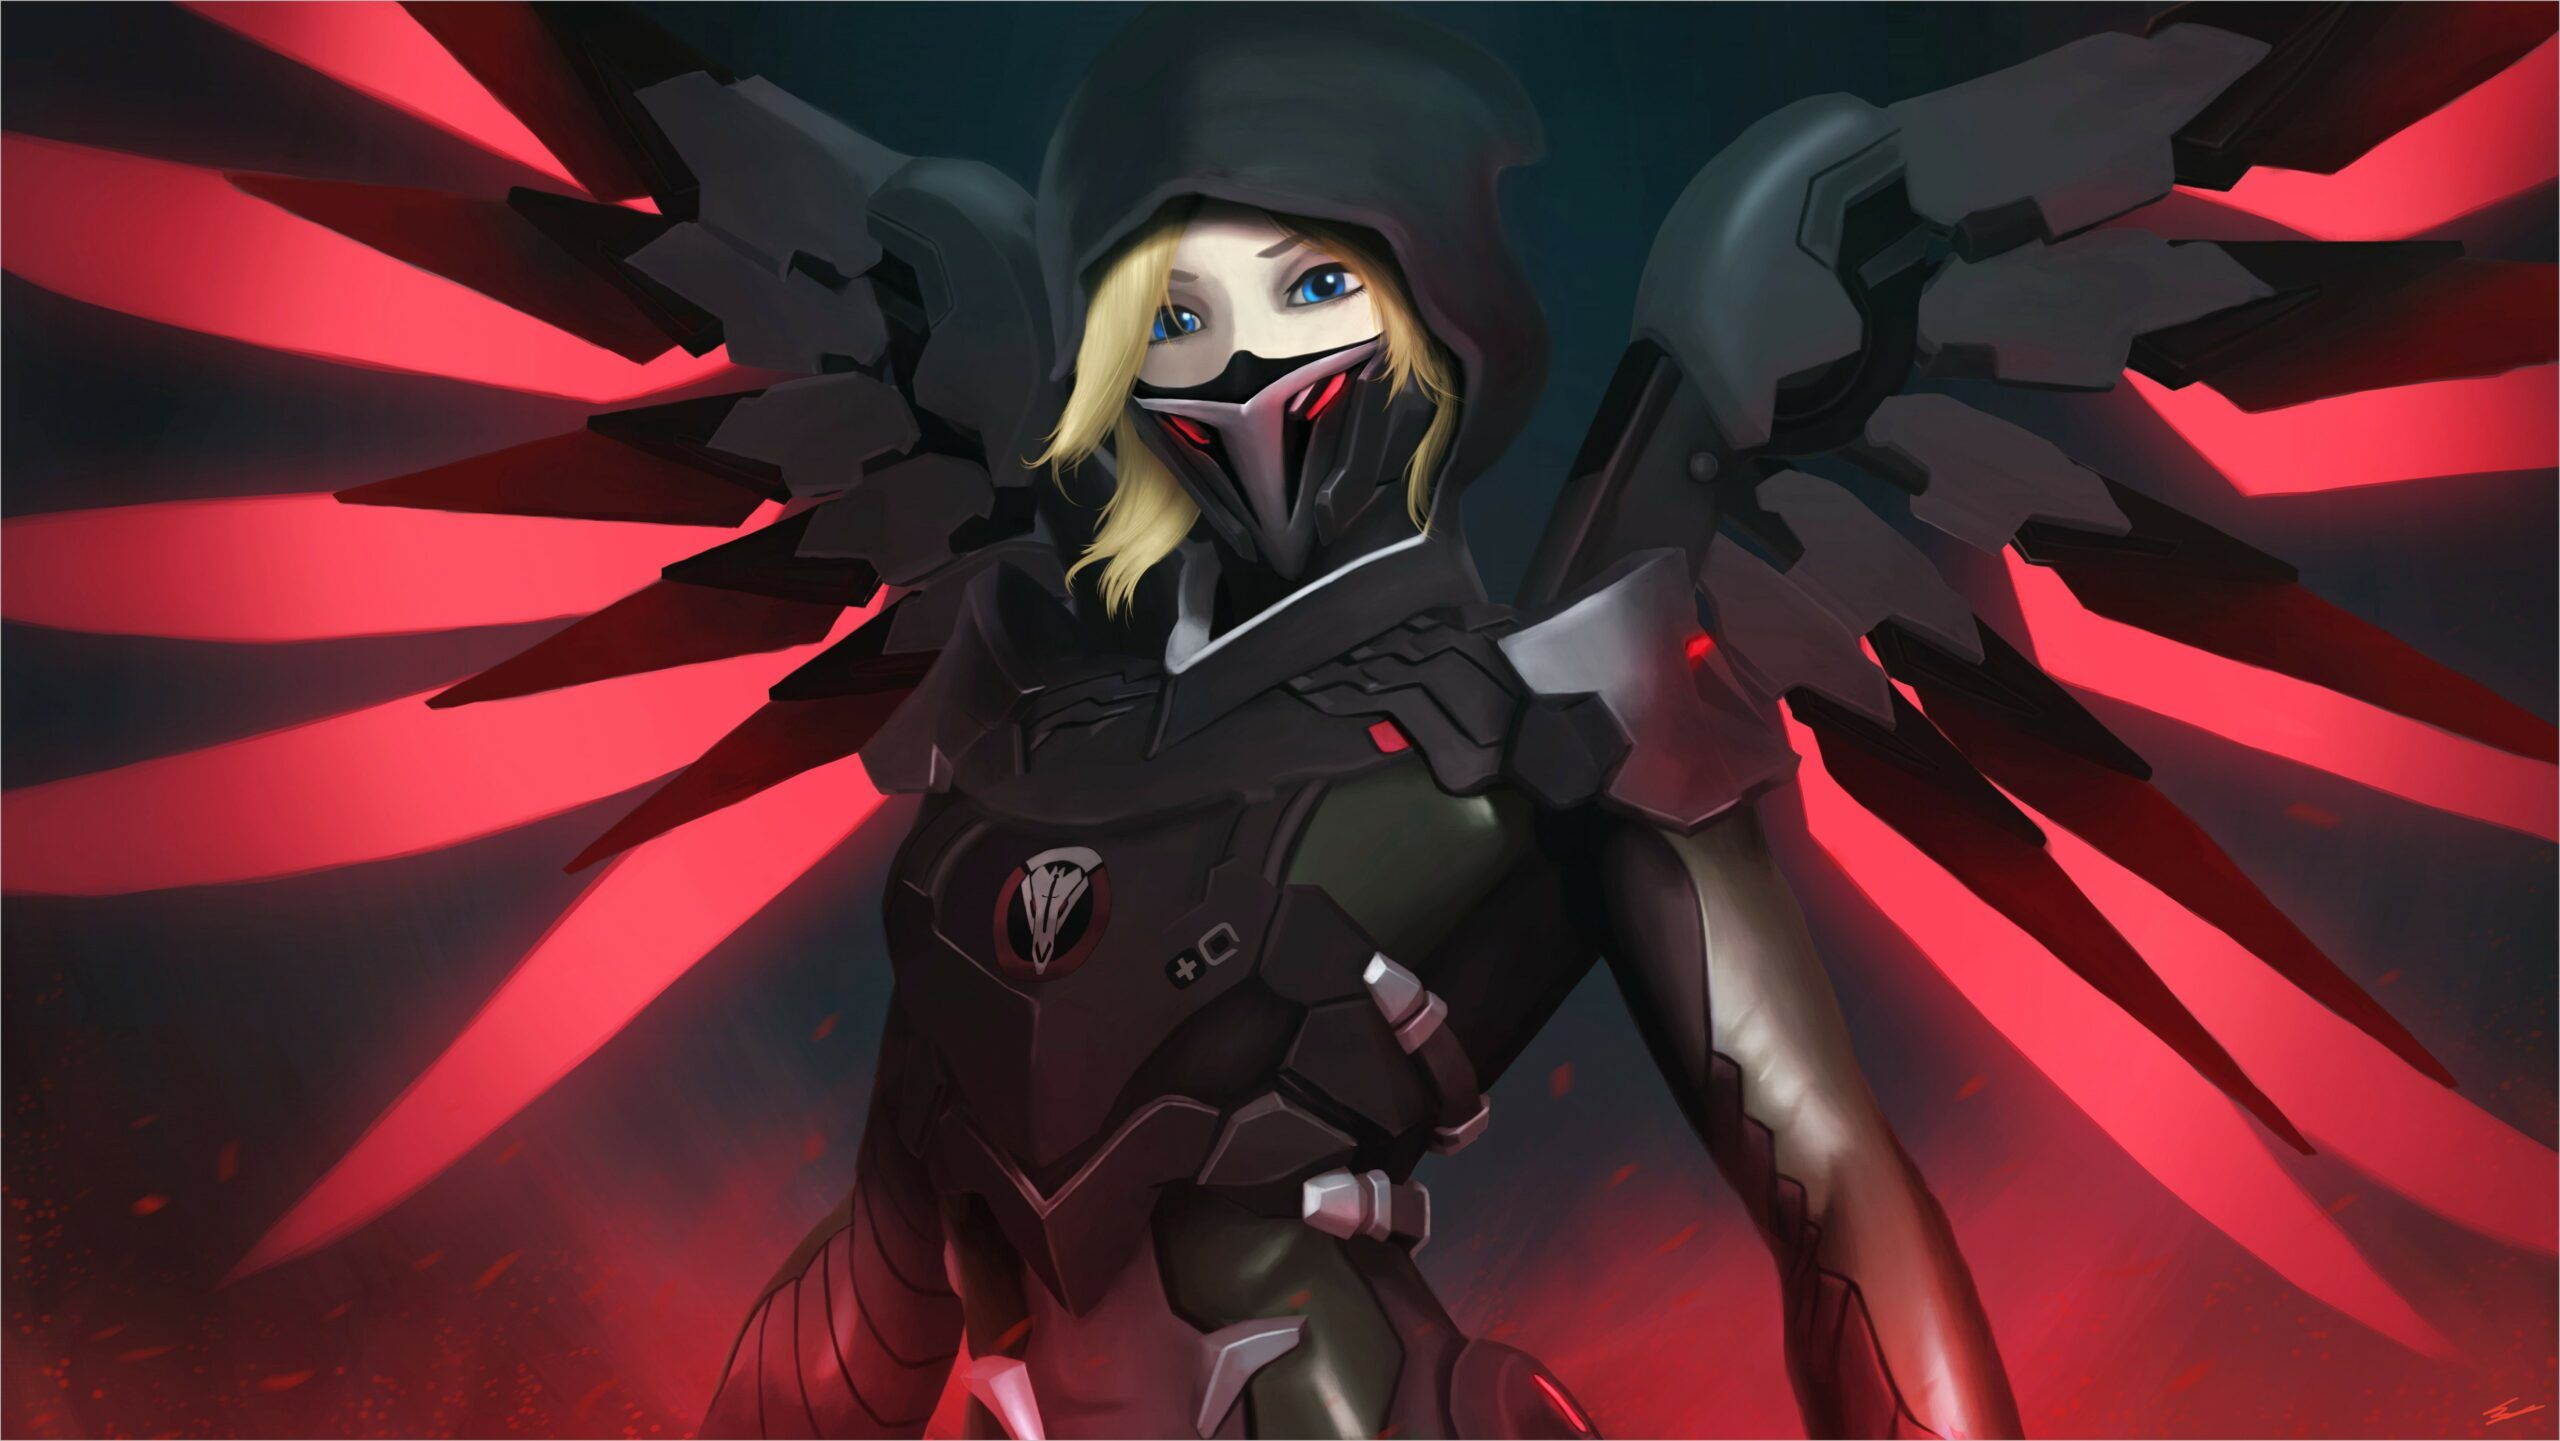 Mercy Overwatch 4k Wallpaper In 2020 Mercy Overwatch Overwatch Fan Art Overwatch